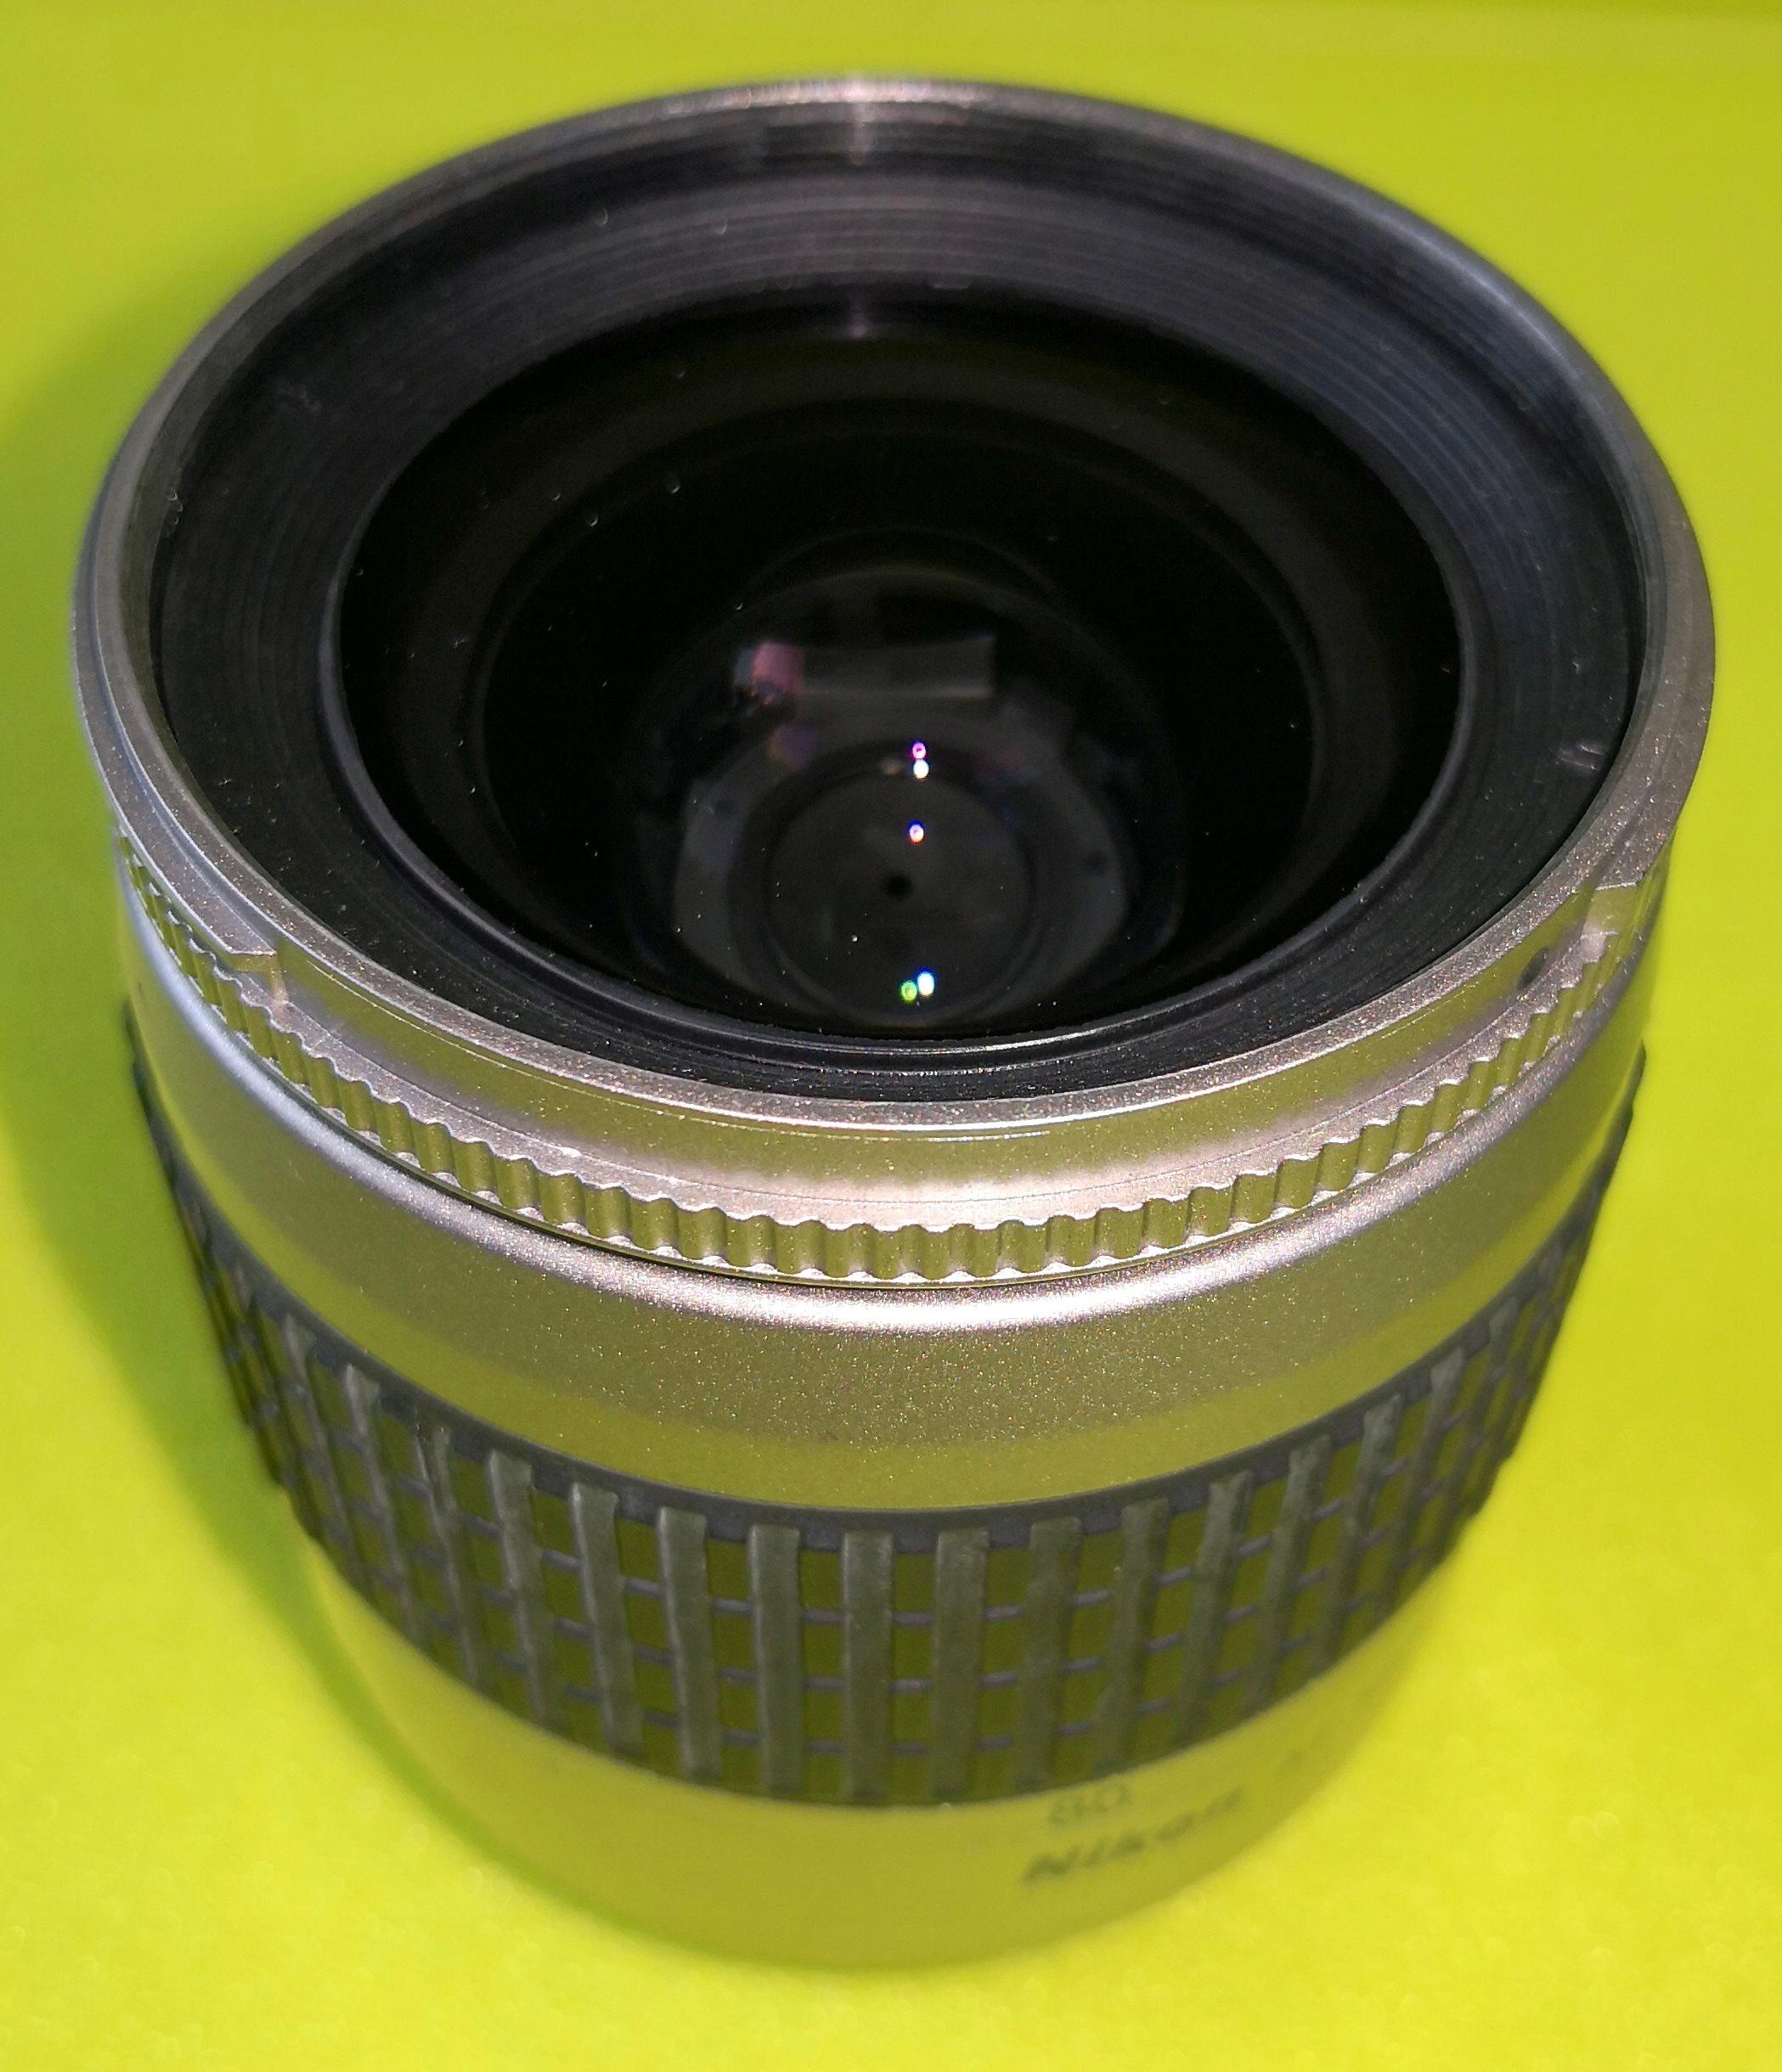 Obiektyw Nikon AF Nikkor 28-80mm 1:3.3-5.6G